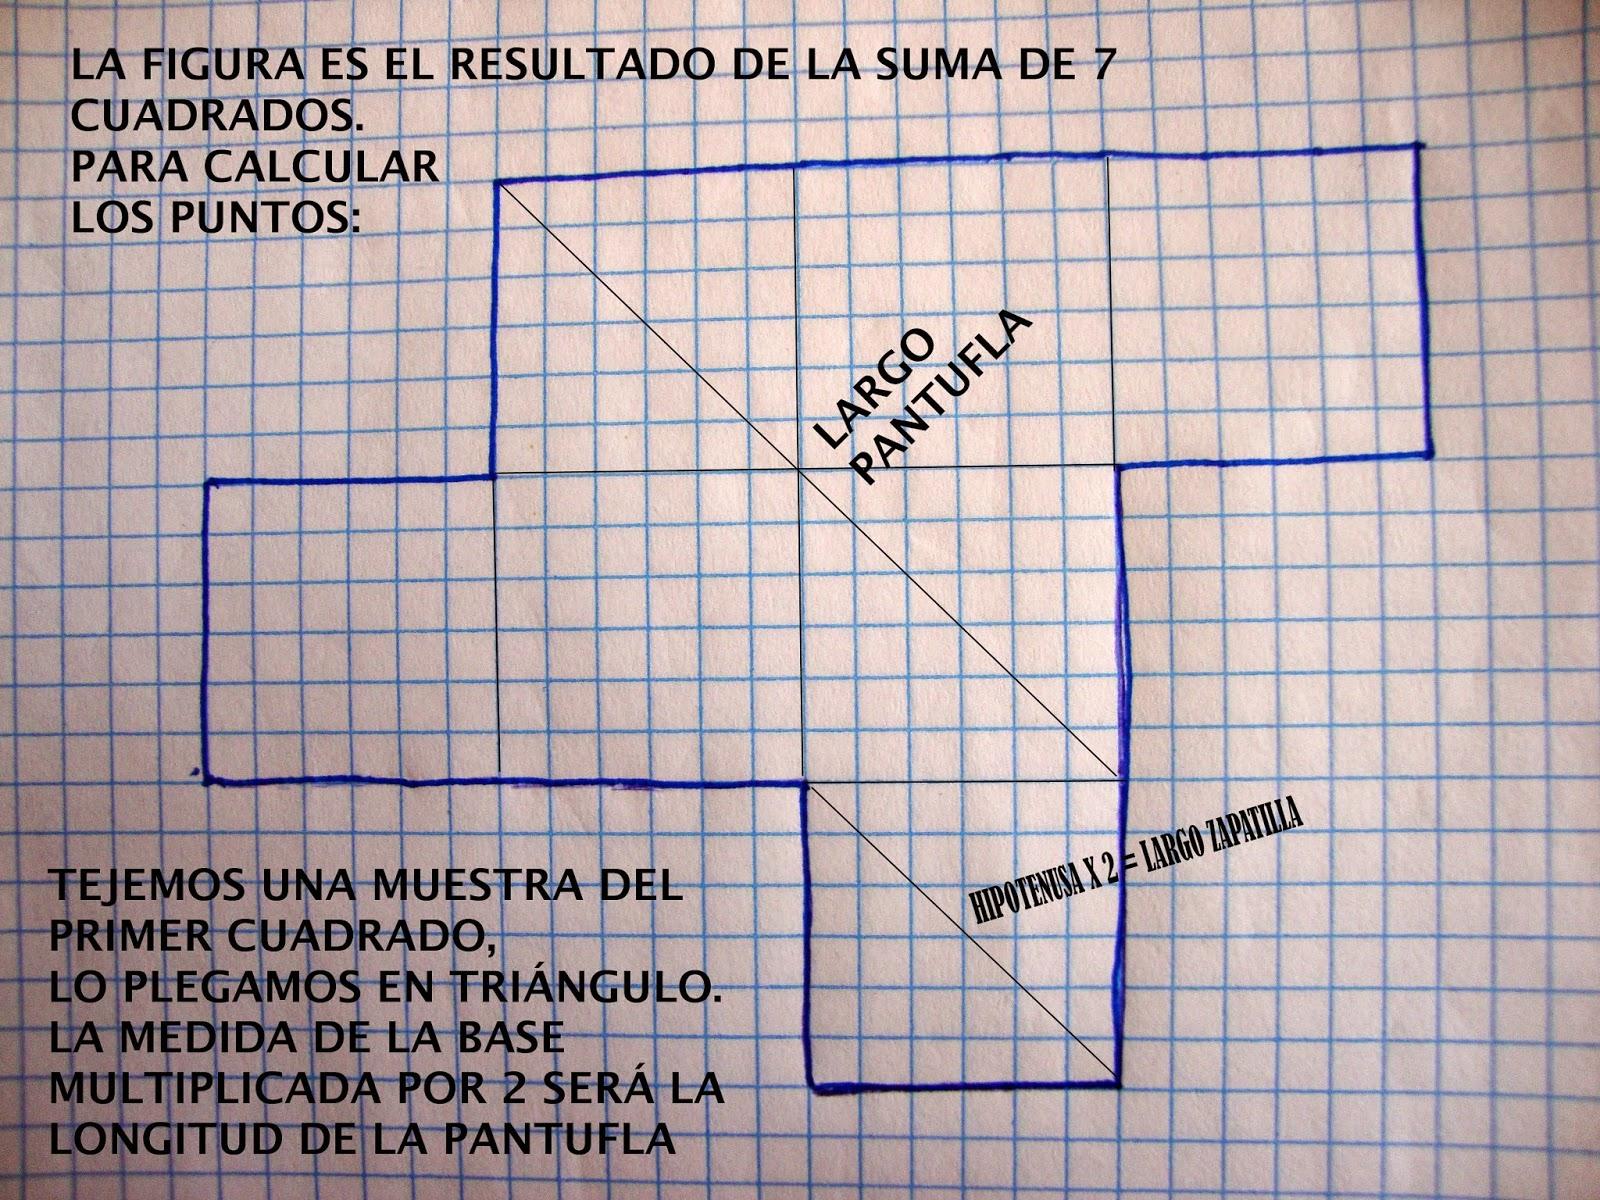 CREACIONES BATIBURRILLO: COMO CALCULAR EL NÚMERO DE PUNTOS DE MI ...